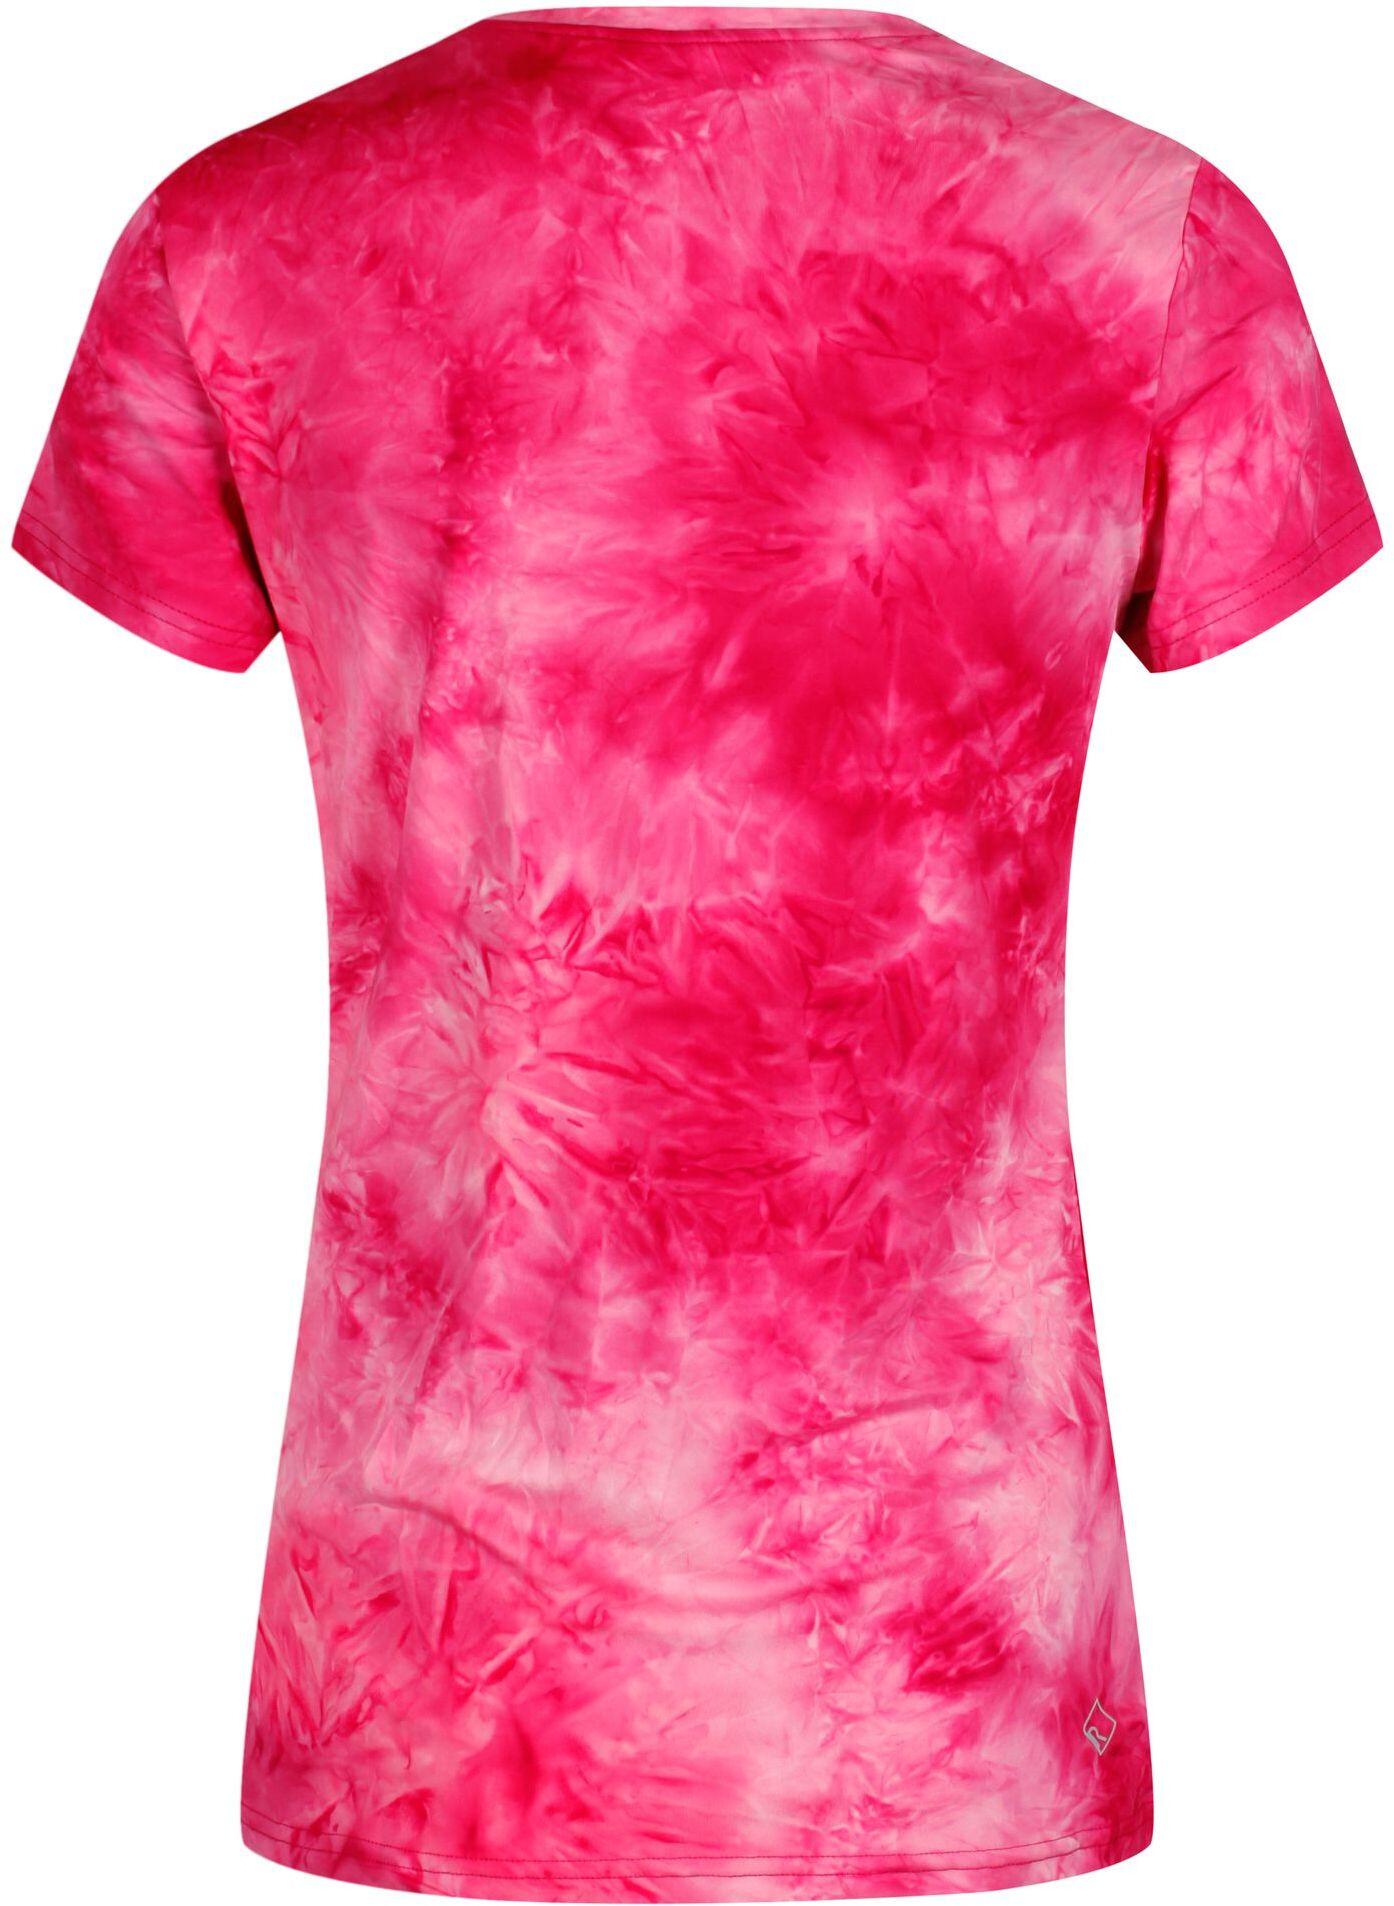 Regatta Fingal Iv Ss T Shirt Women Neon Pink Tie Dye Campz At